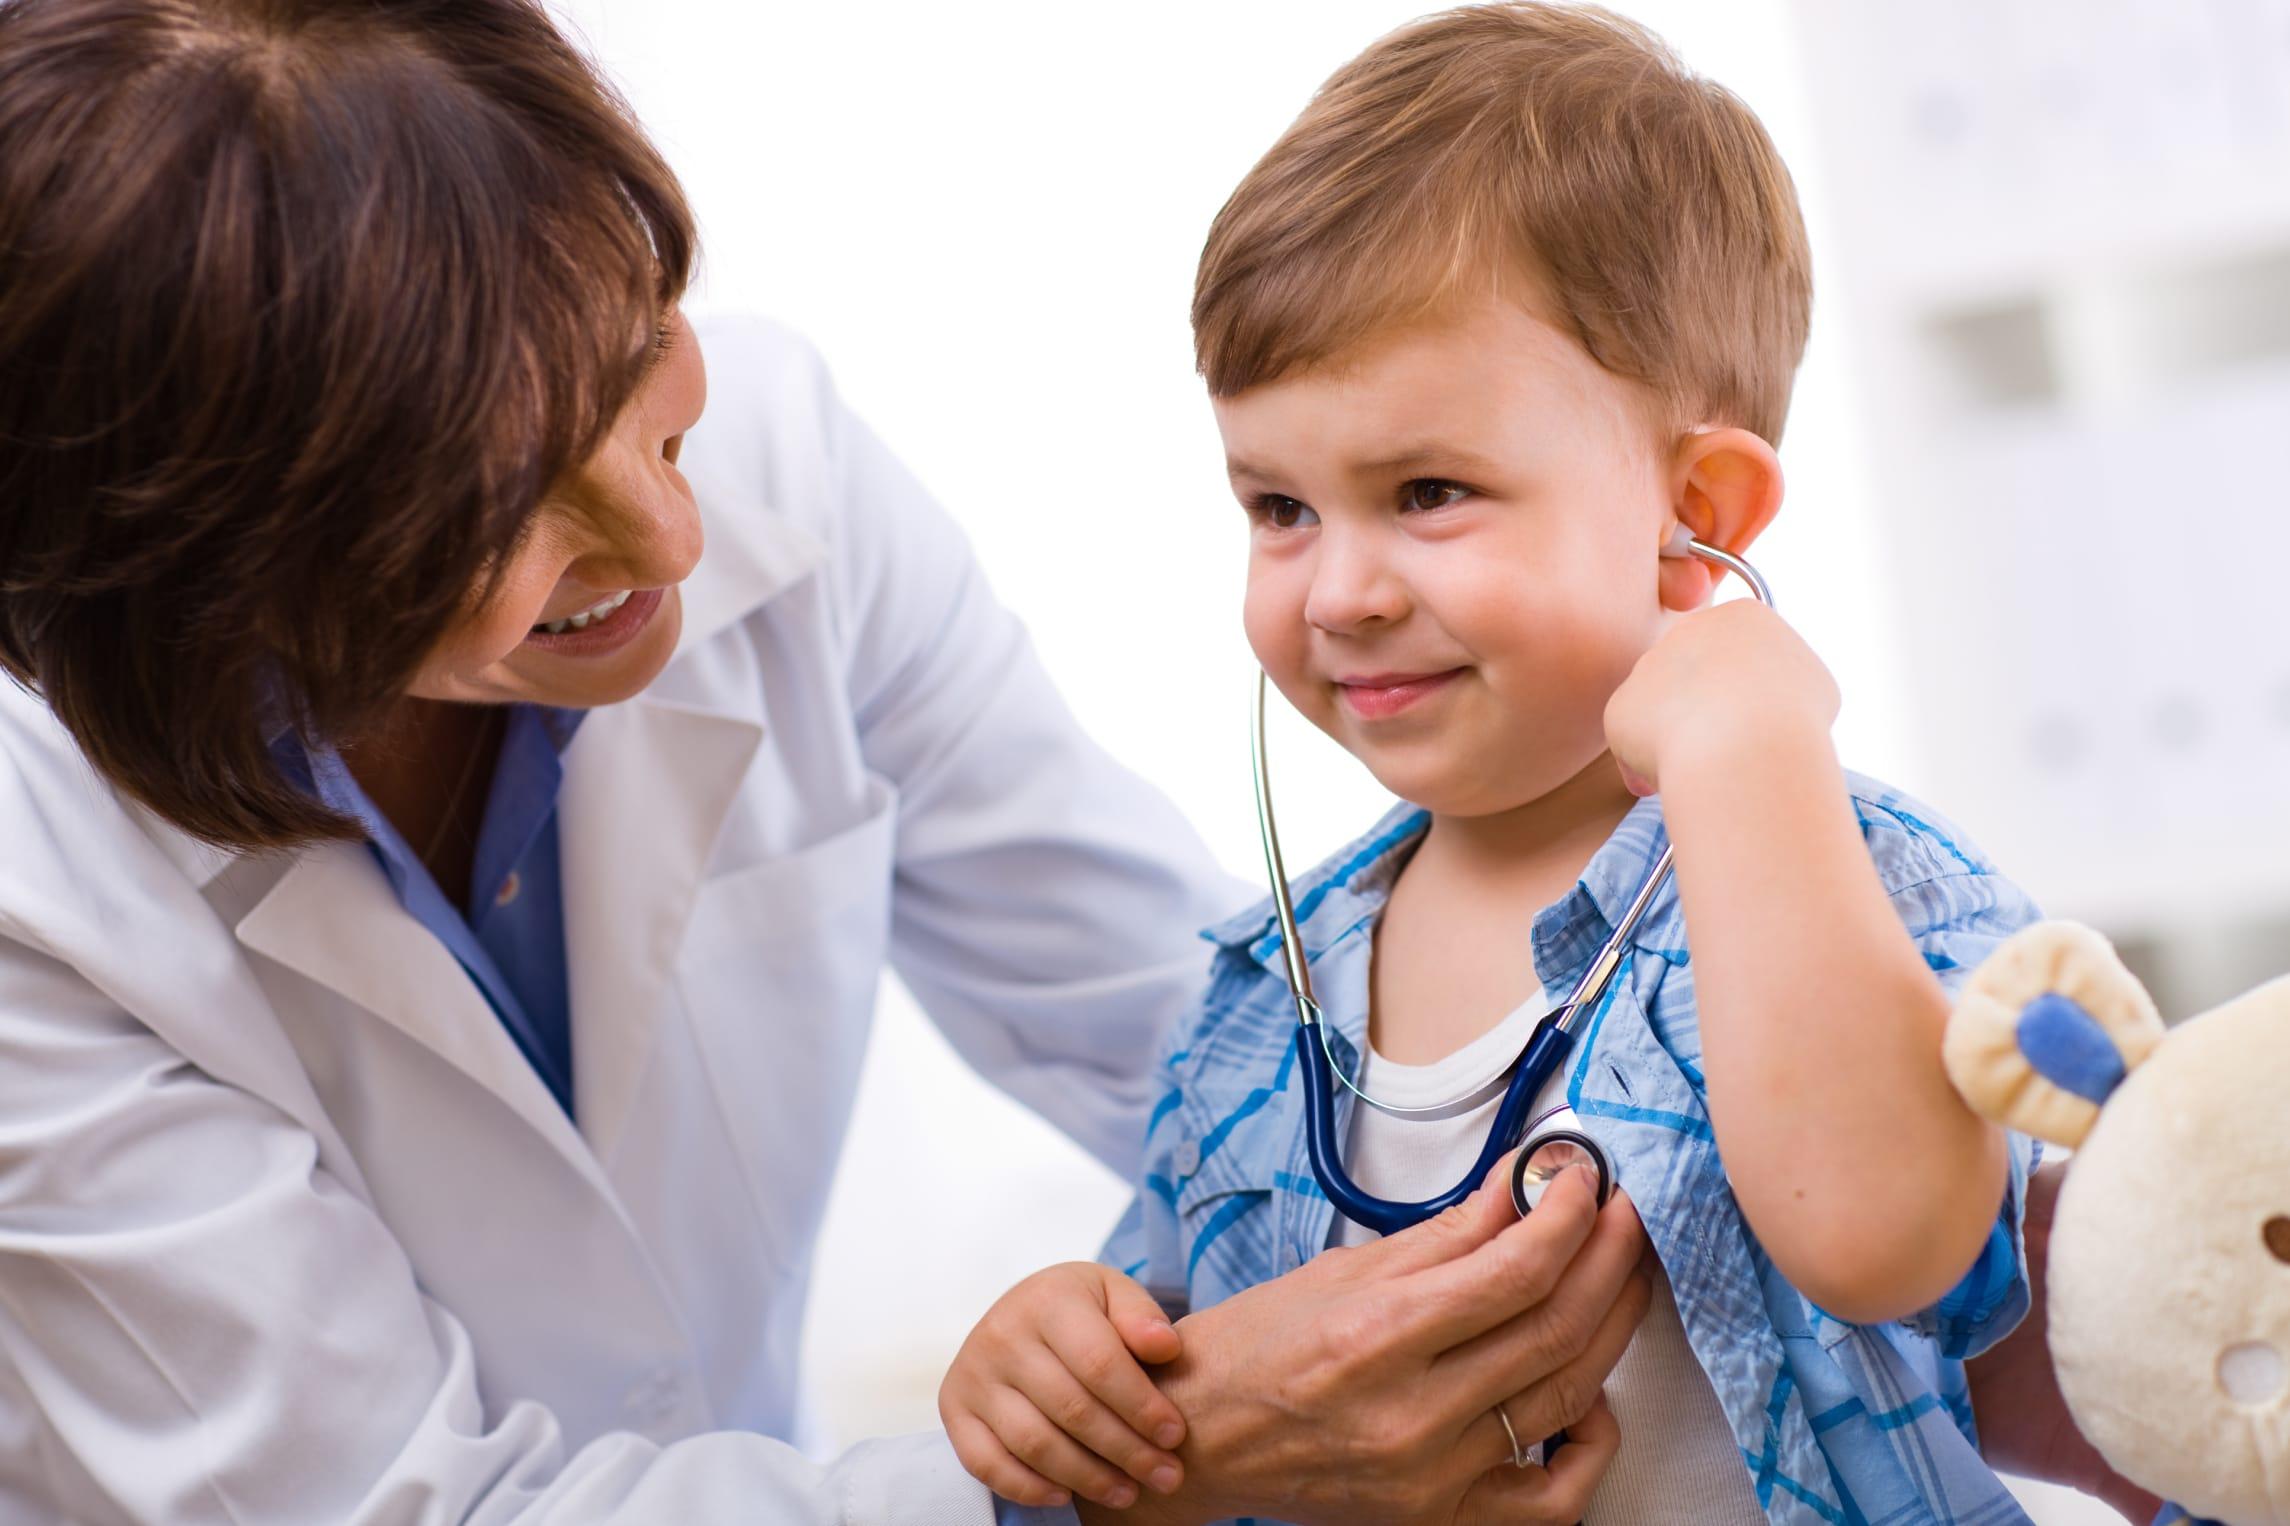 Ves alta bambini: quando preoccuparsi? Cosa significa?